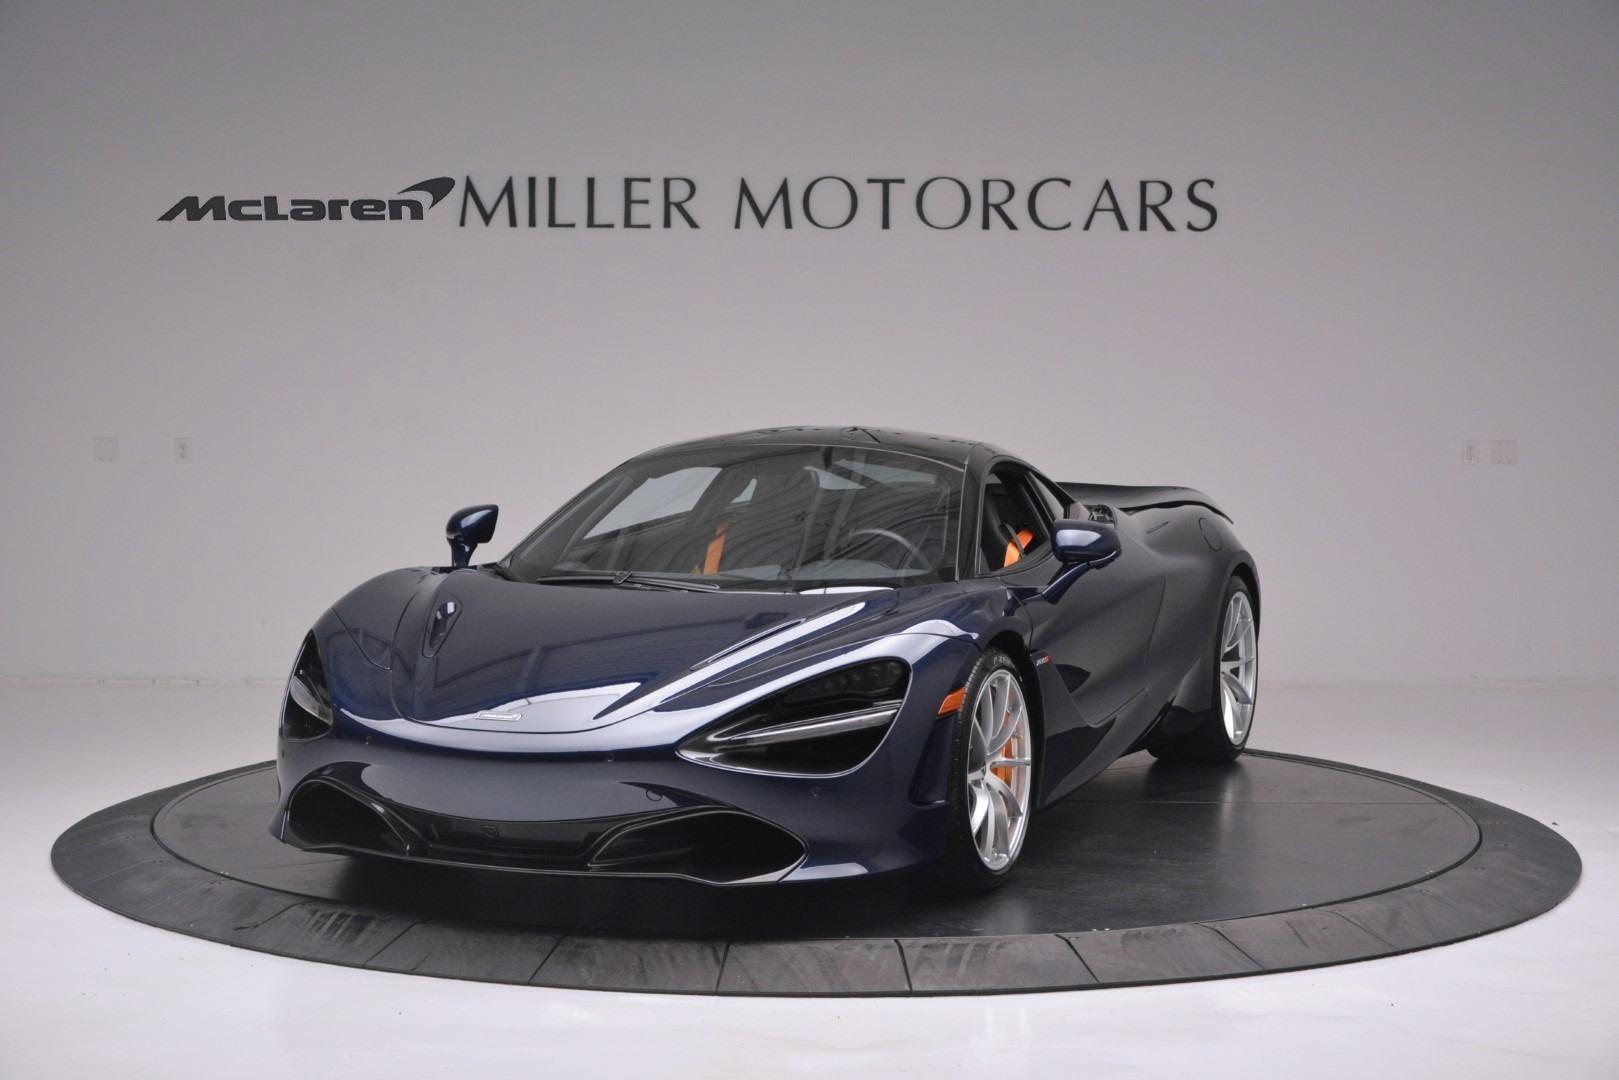 New 2019 McLaren 720S Coupe For Sale In Westport, CT 2730_p2